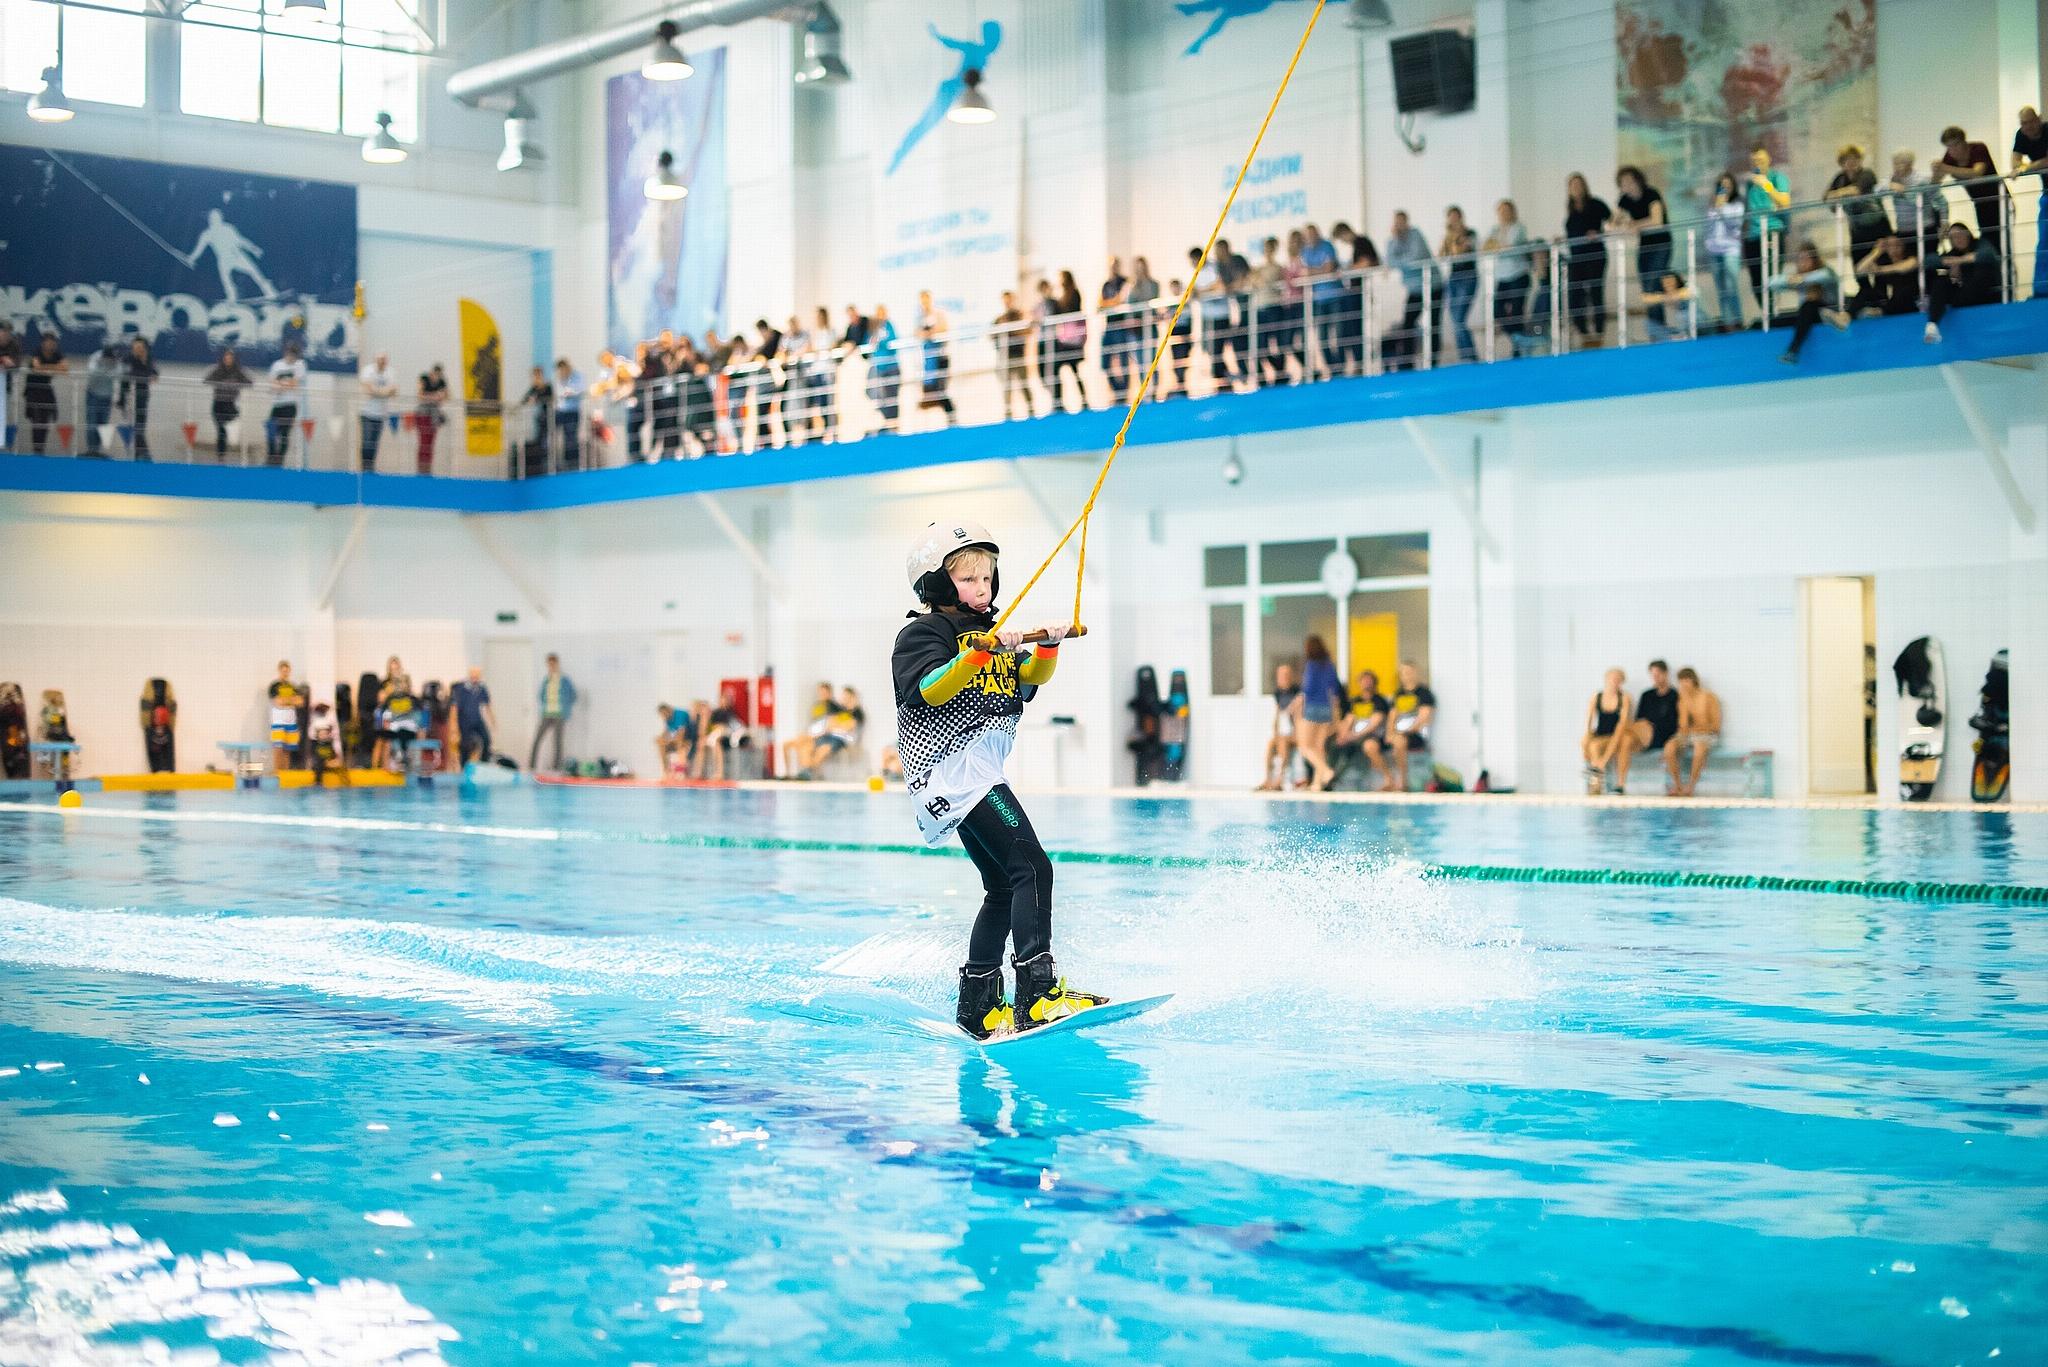 Зимний чемпионат СПб по вейкборду Kingwinch Winter Challenge 2020